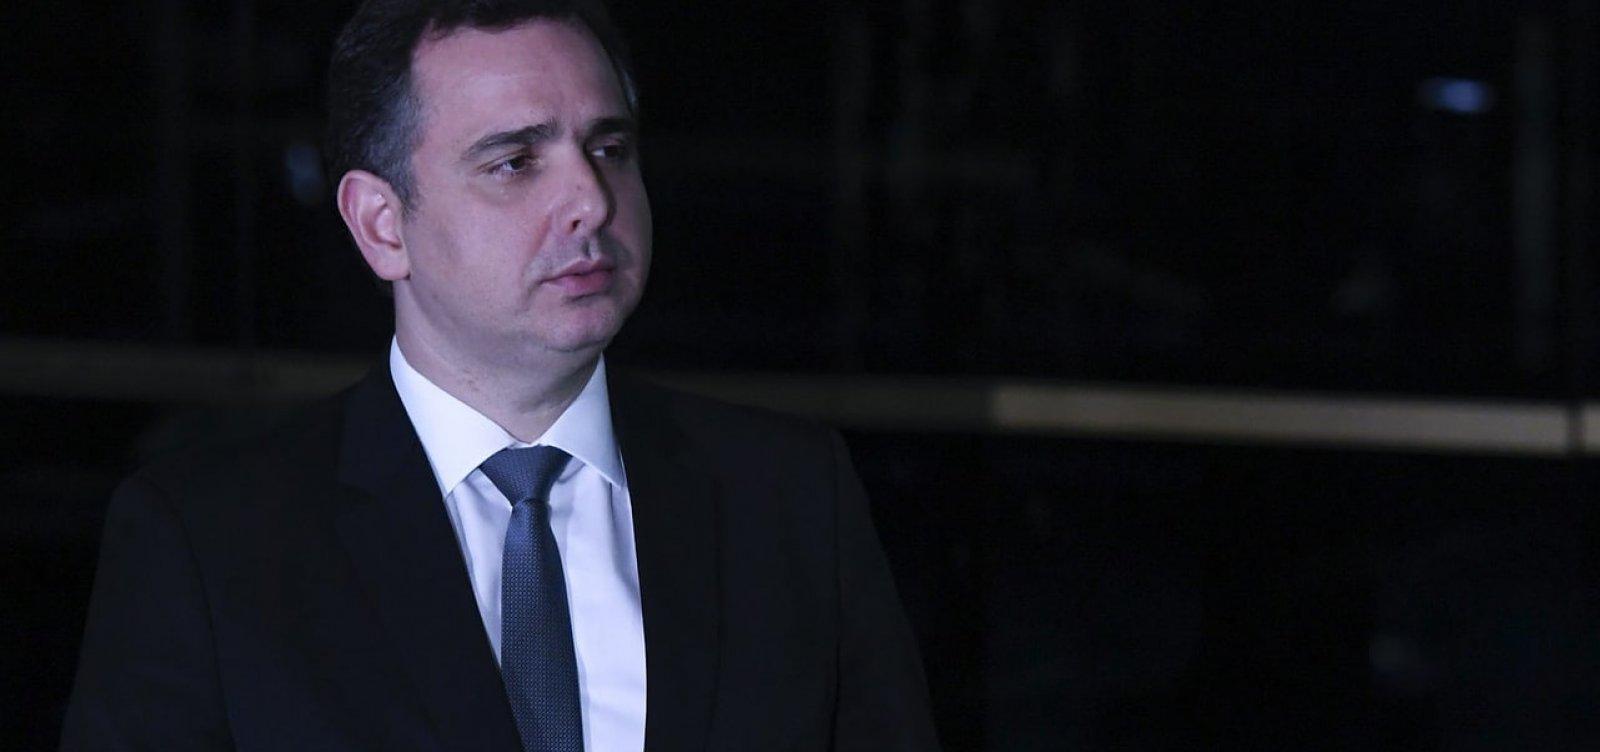 PSD confirma Rodrigo Pacheco como candidato à Presidência em 2022